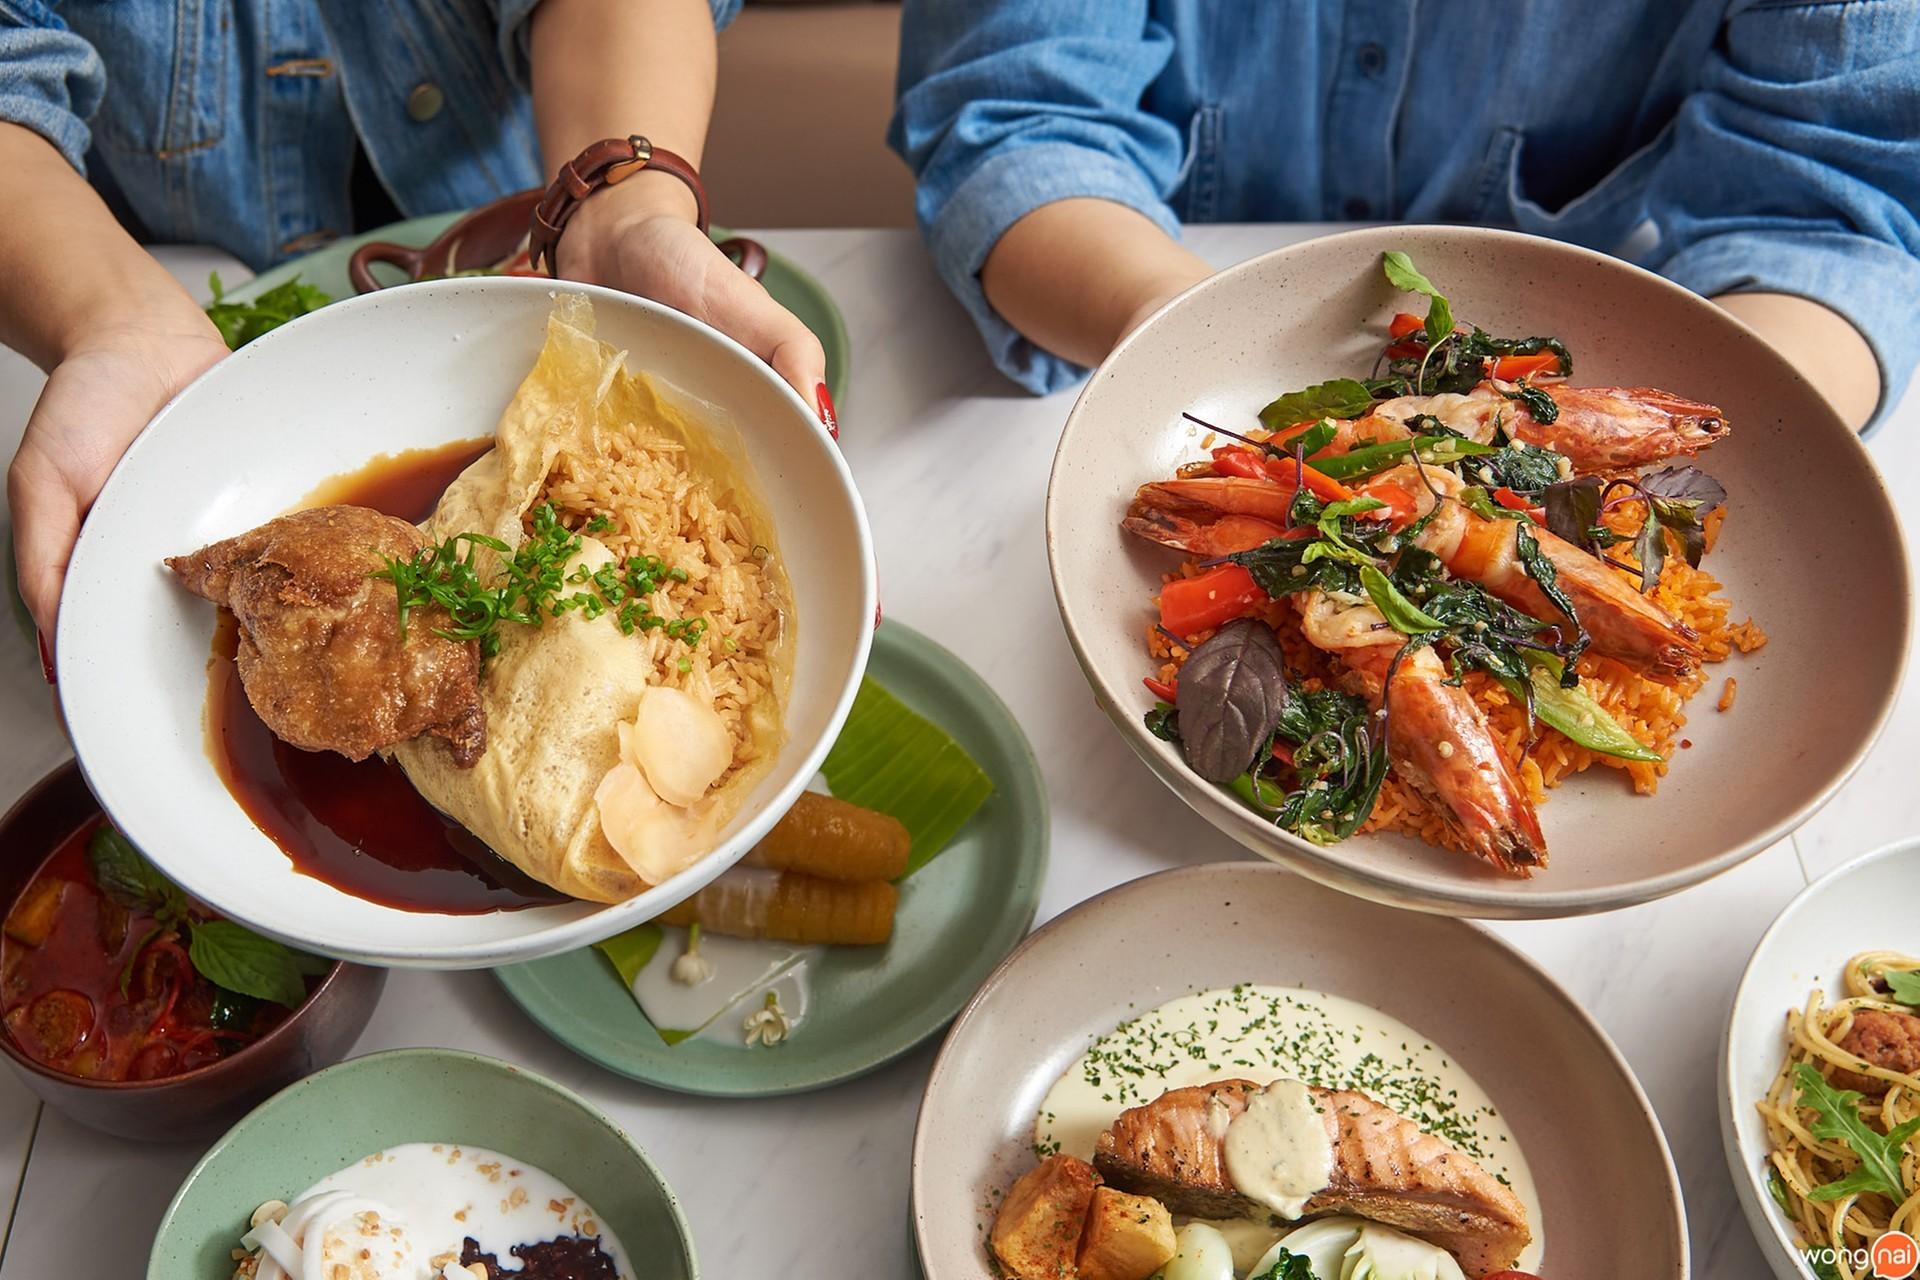 ข้าวผัดซีอิ๊วญี่ปุ่นห่อไข่หน้าเป็ดล่อนทอด และ ข้าวผัดพริกมันกุ้ง กุ้งลายเสือกะเพรา ร้าน The Terrace